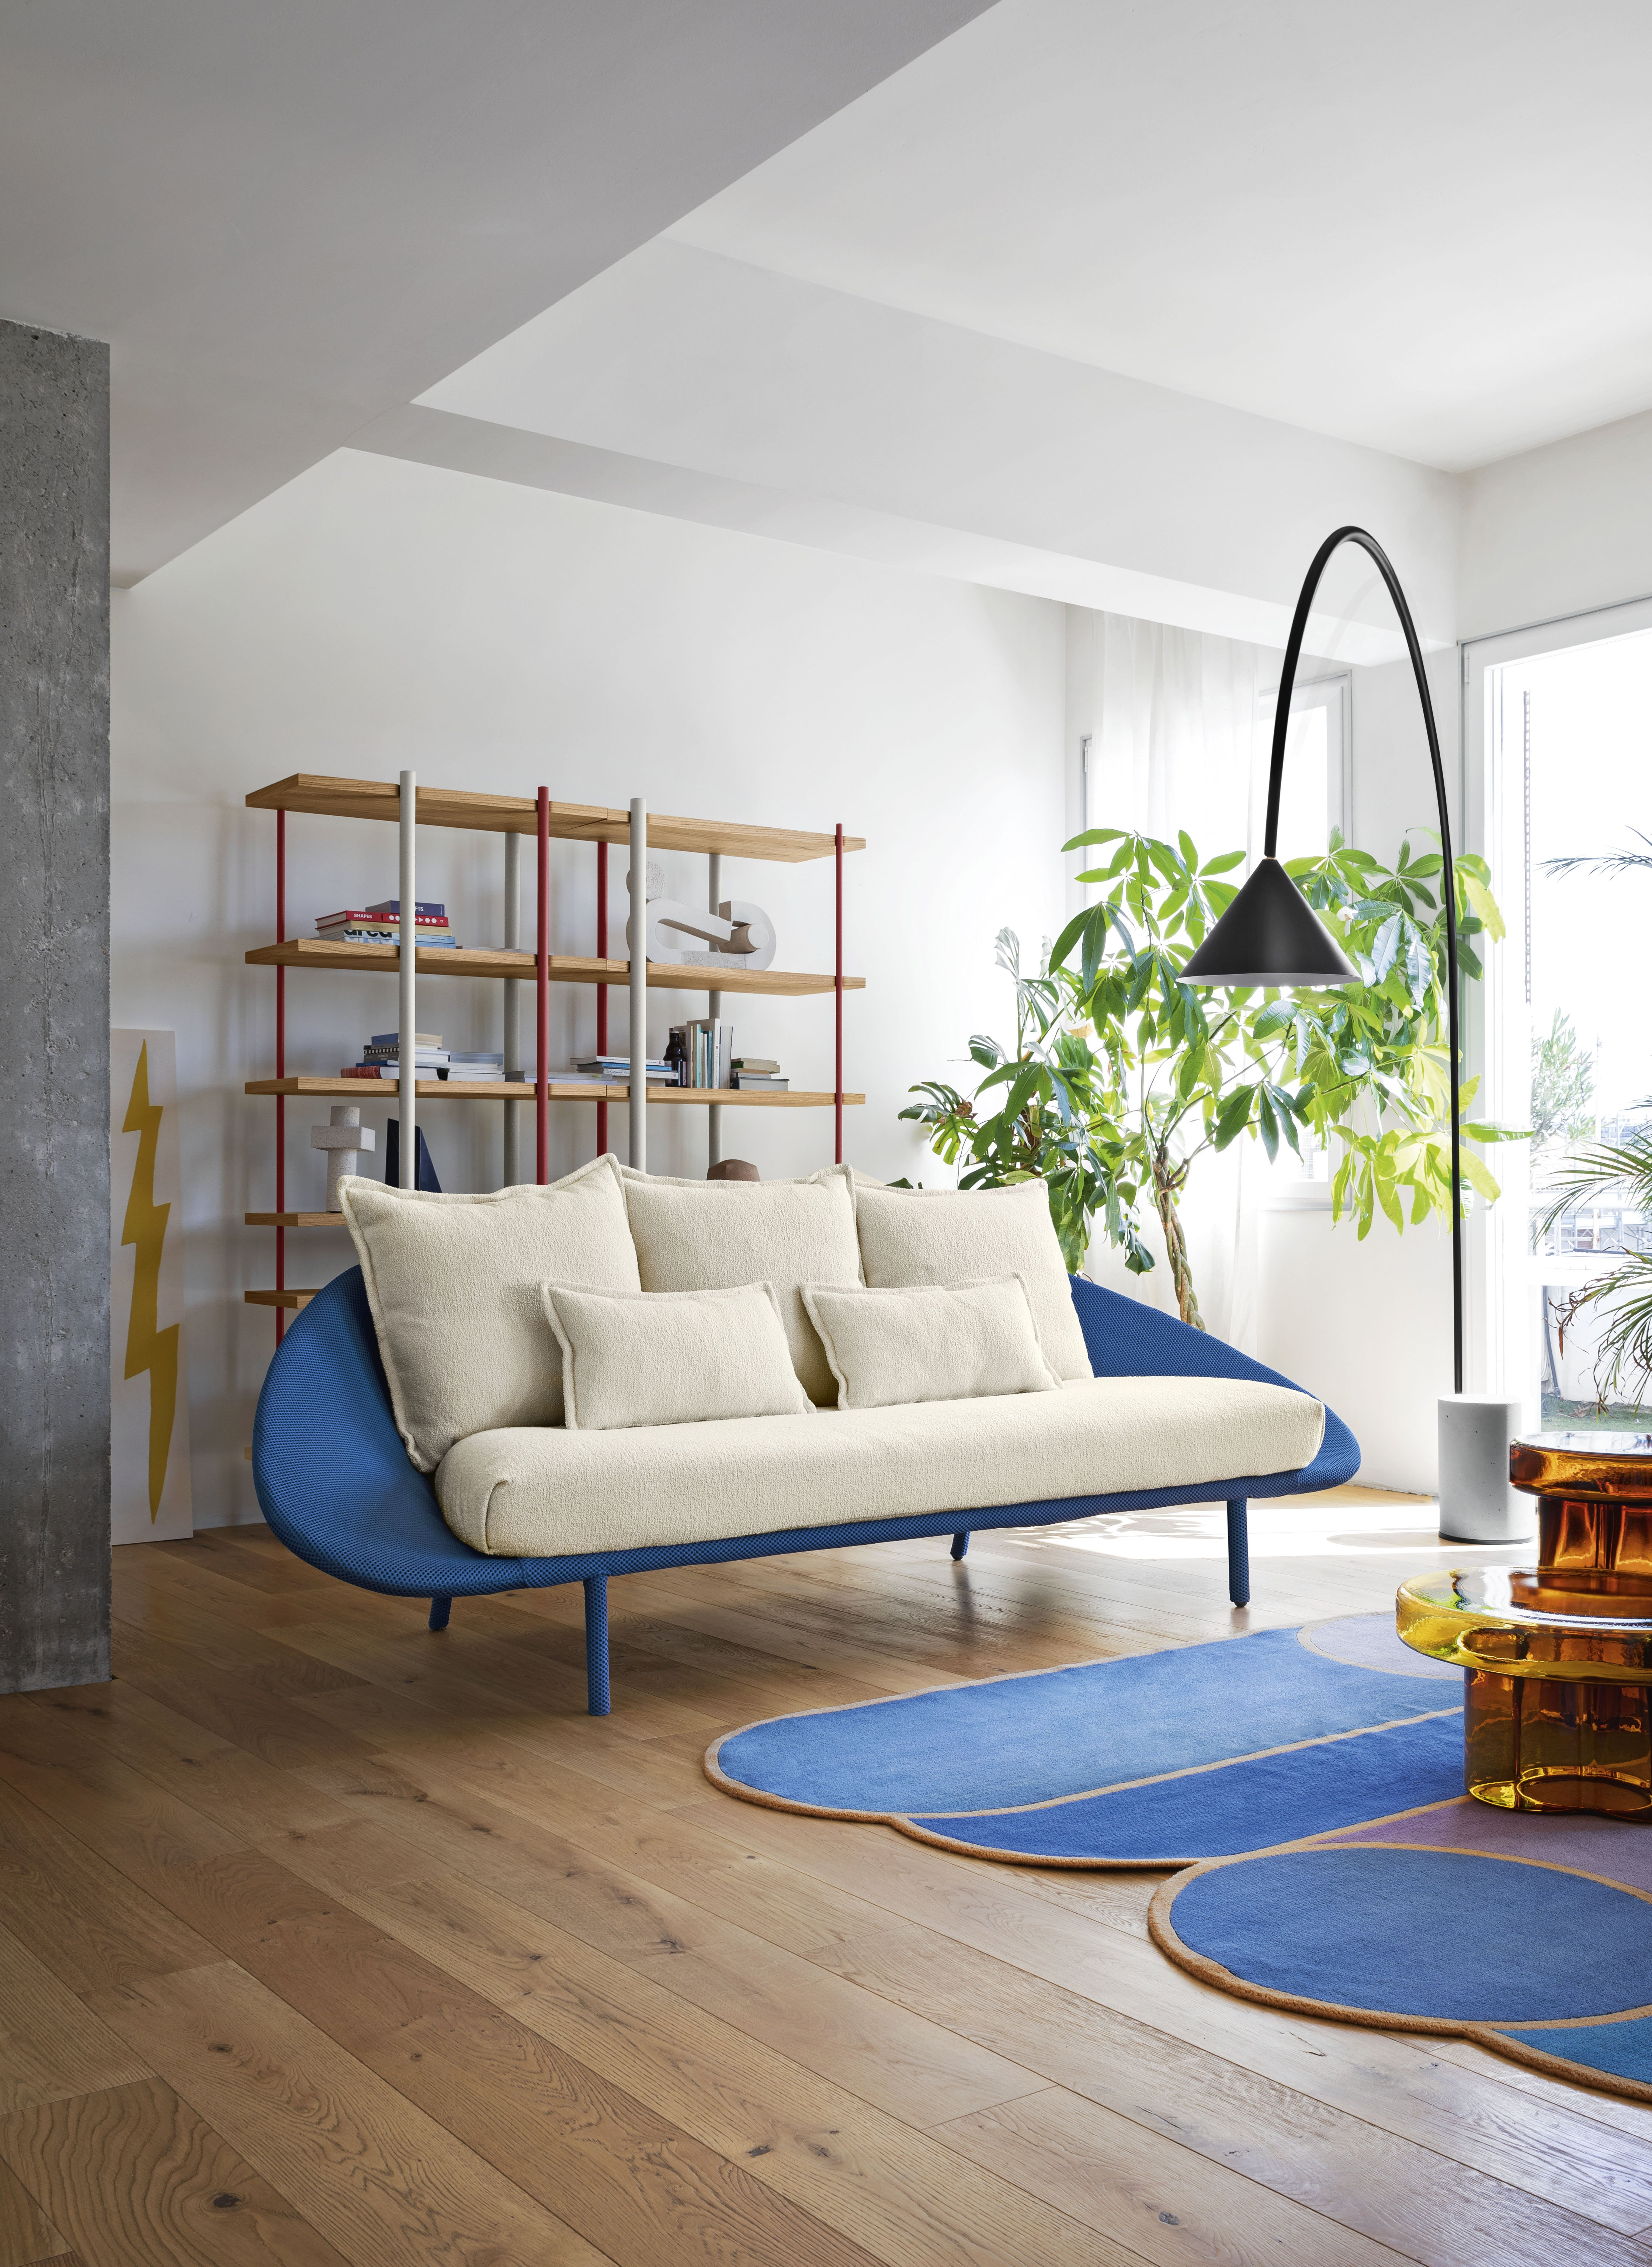 Lem Sofa from Miniforms, designed by Francesco Beghetto